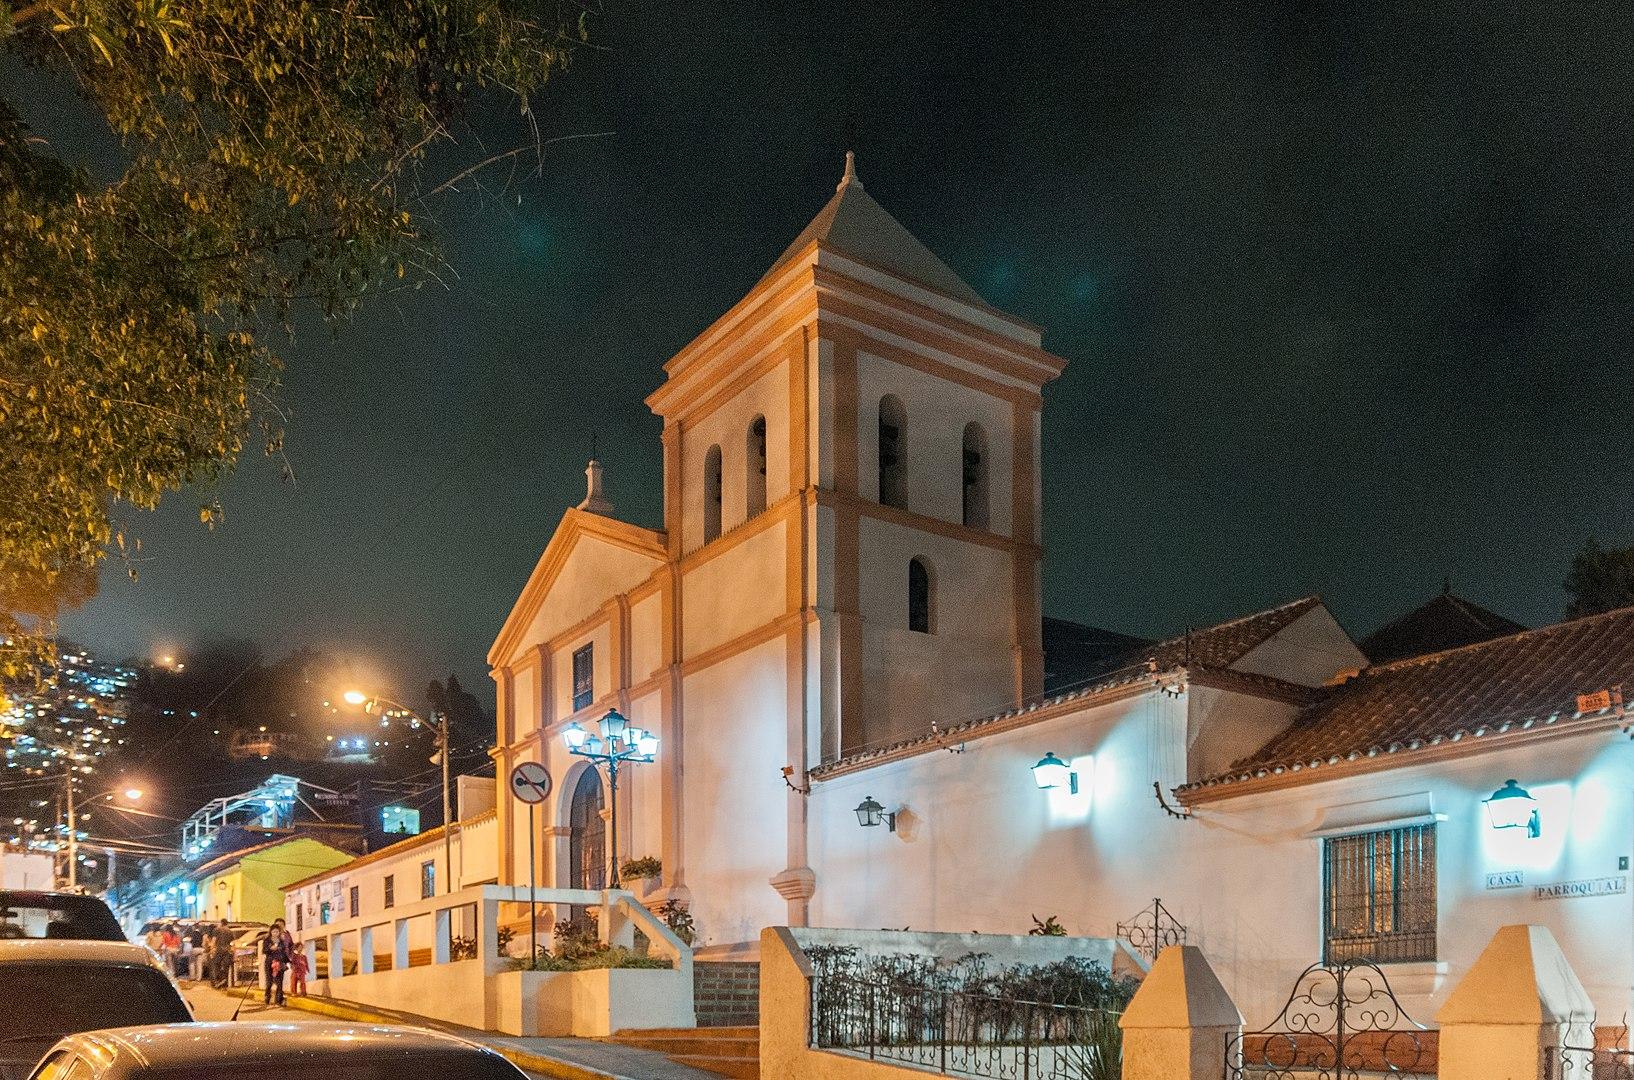 Patrimonio Arquitectónico de El Hatillo Tadeo Arosio234 - Patrimonio Arquitectónico de El Hatillo